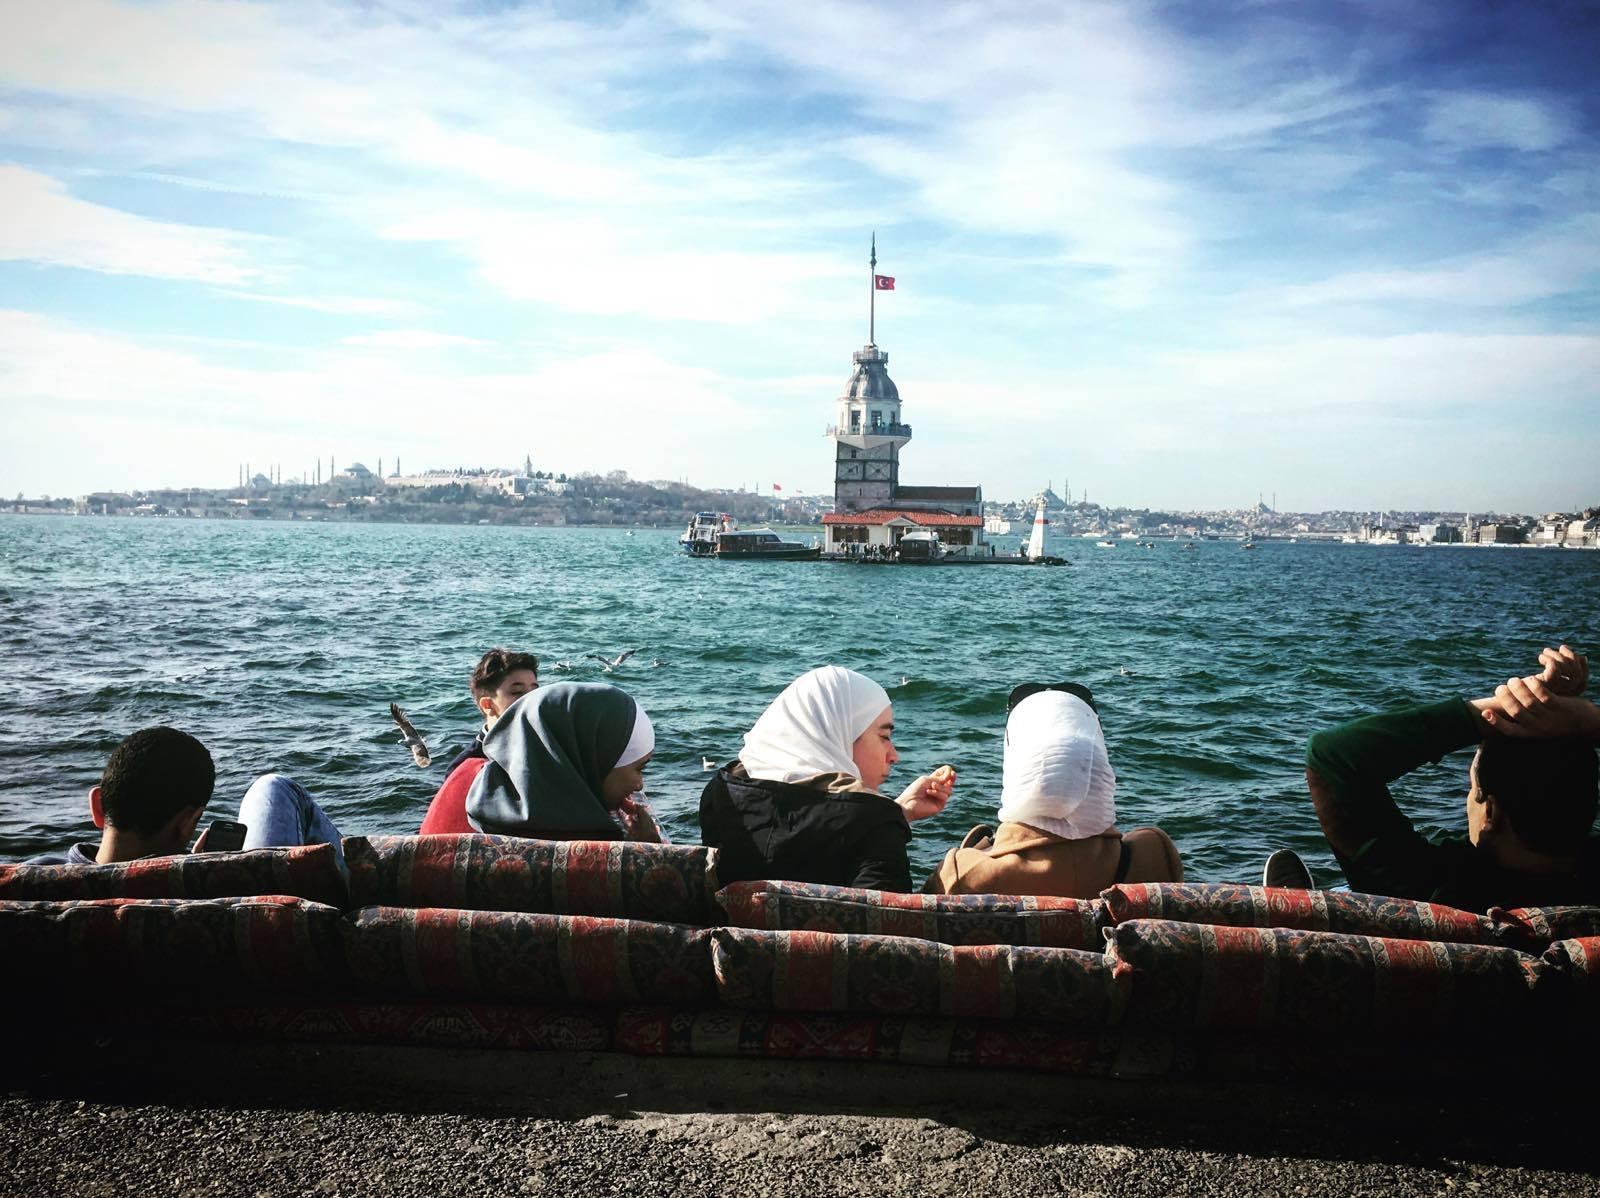 24882766 2014286588847345 1296673206 o Dzień Kobiet w Turcji   8 marca